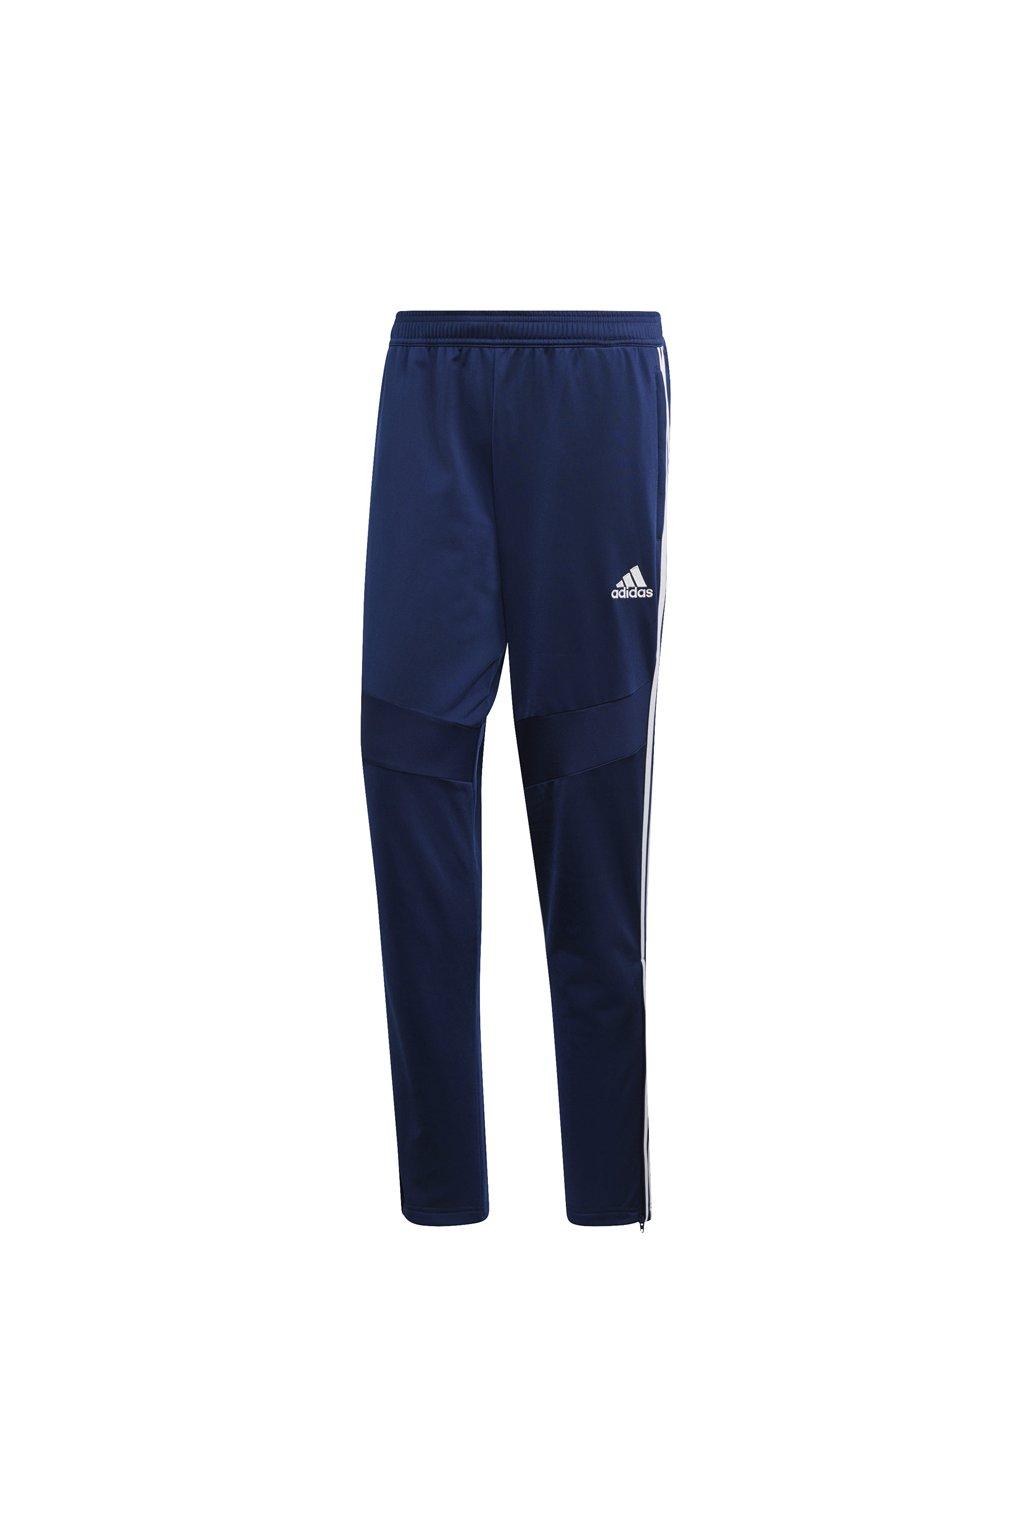 Pánske tepláky Adidas Tiro 19 Polyester tmavo modré DT5181